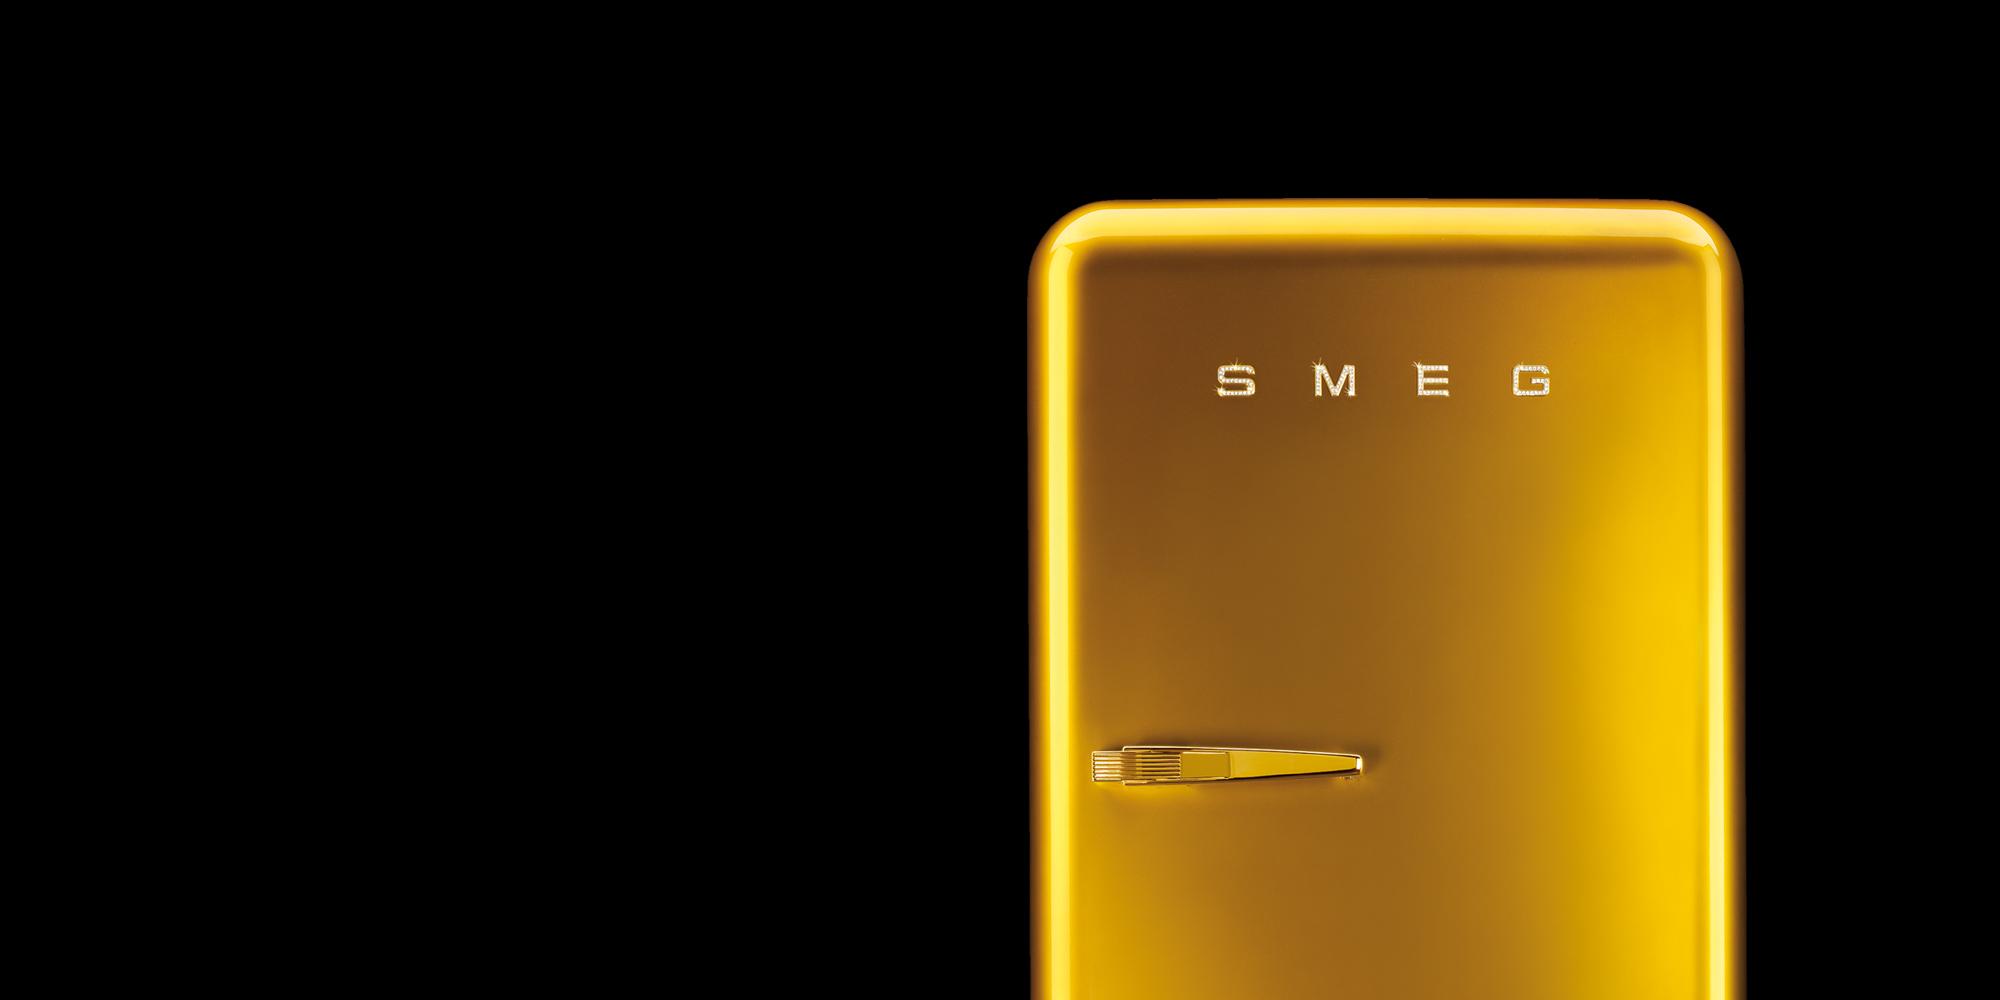 smeg-gold-2000X1000